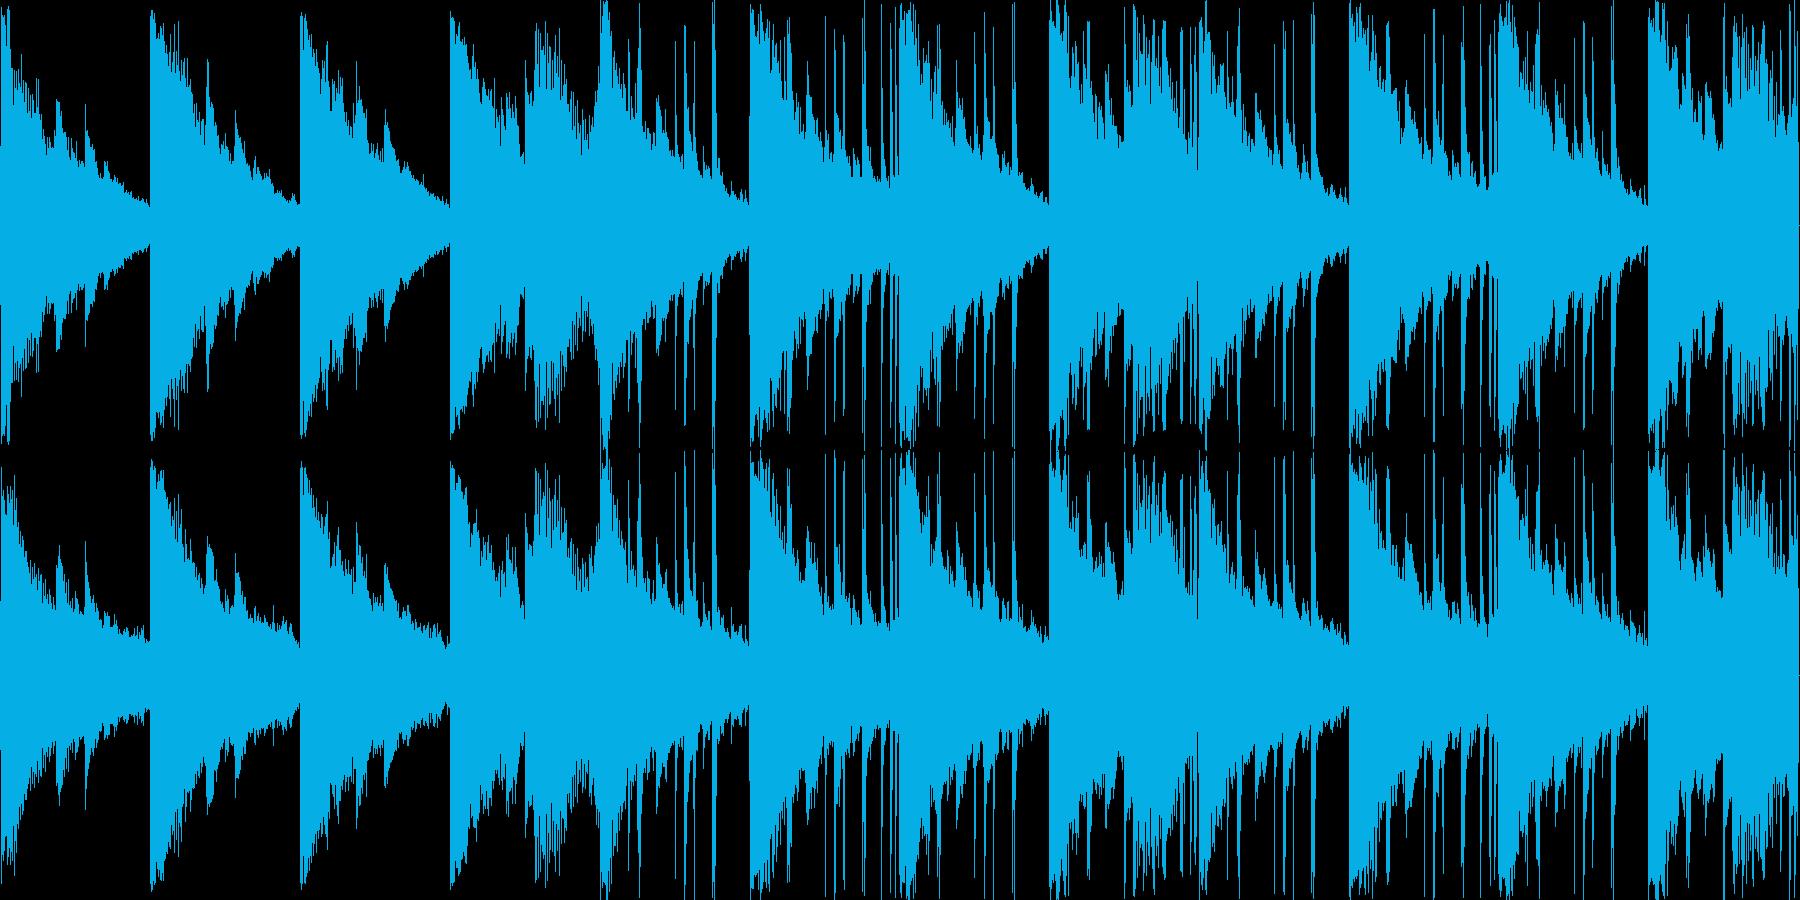 エレピ、シンセ等の切なく甘い曲の再生済みの波形